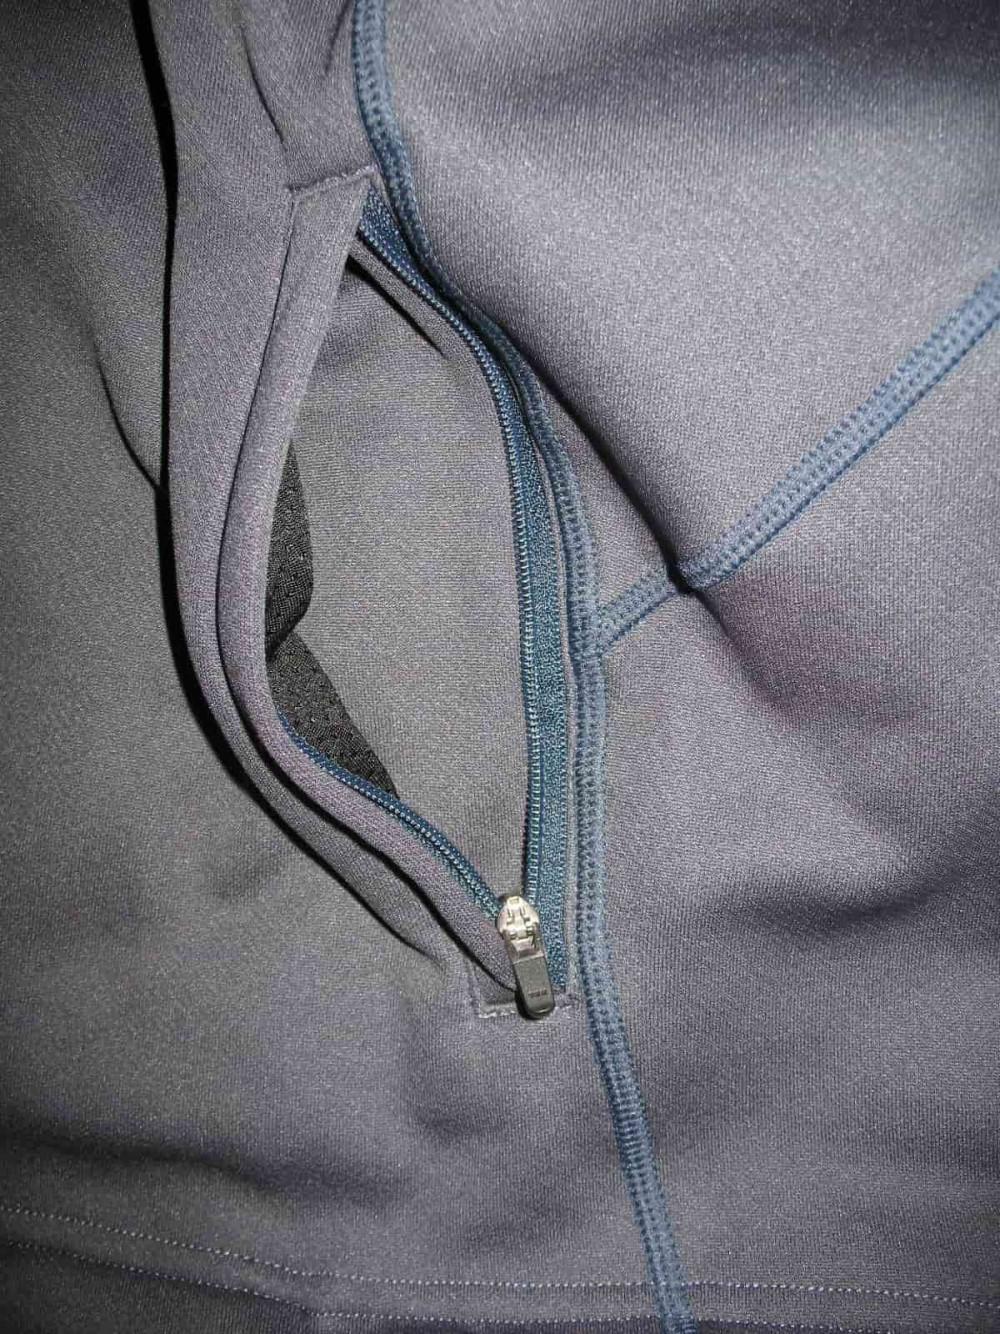 Жилет CRAFT fleece vest (размер XXL) - 5